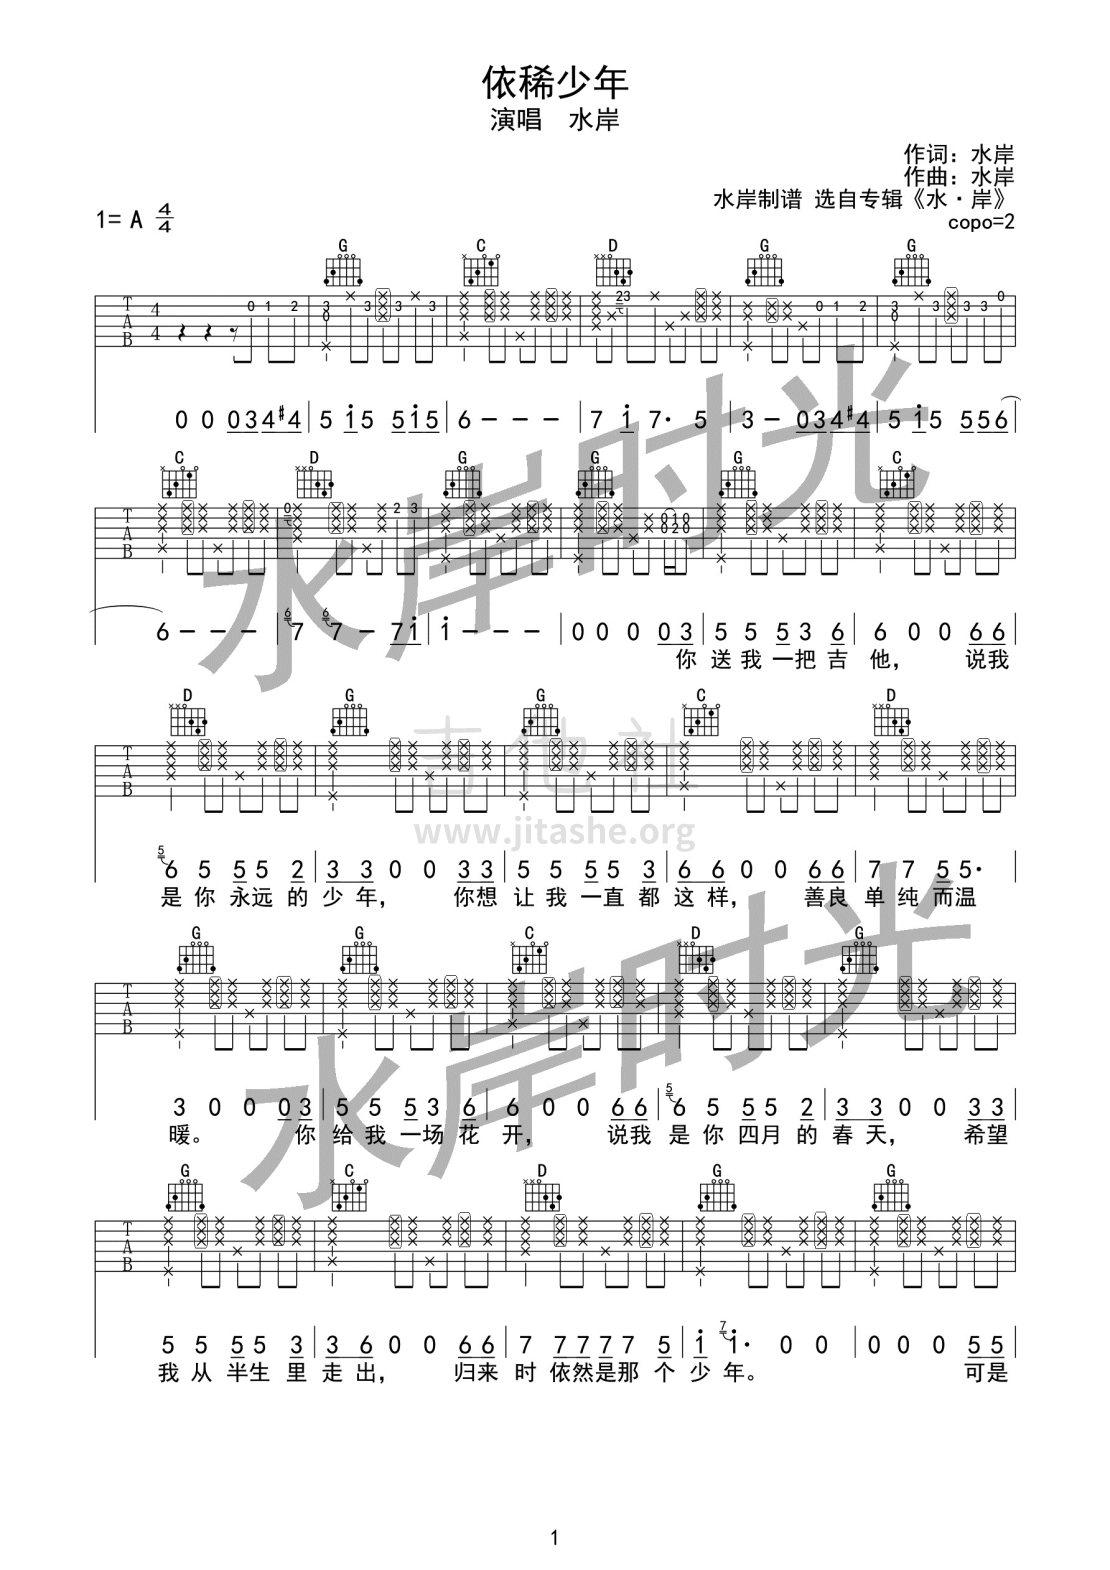 依稀少年吉他谱(图片谱,弹唱,木吉他,简单版)_水岸_依稀秒年1